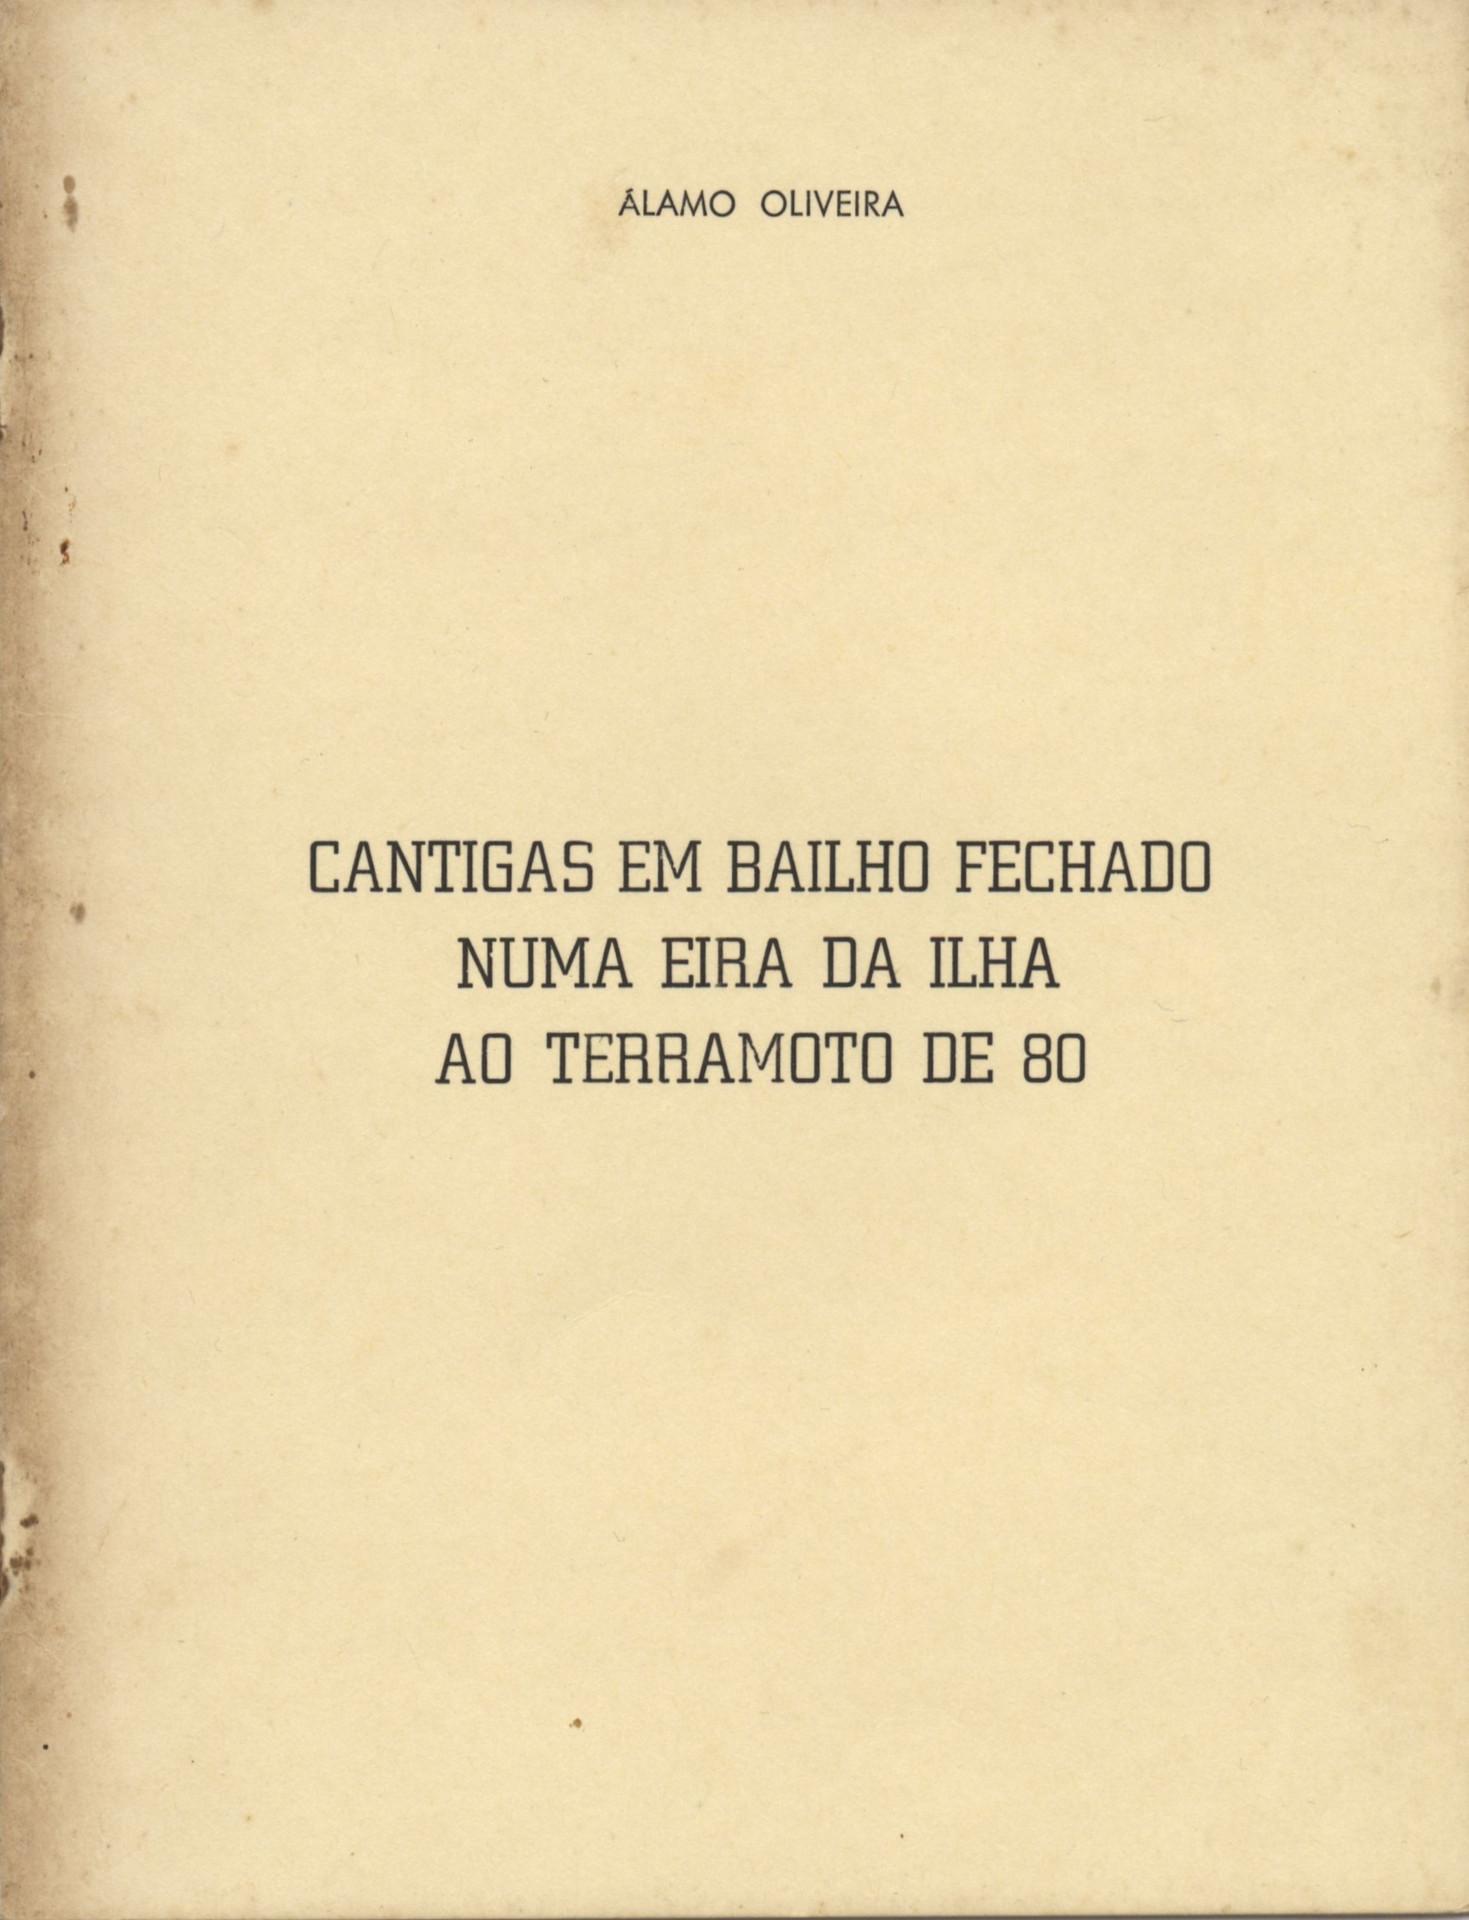 Cantigas em bailho fechado numa eira da ilha ao terramoto de 80 / Álamo Oliveira. - [1.ª ed.]. - Angra do Heroísmo : Atlântida, 1980. - 17, [1] p. ; 22 cm. - Sep. da revista «Atlântida», n.º 1 jan./mar. 1980  Col. particular Álamo Oliveira